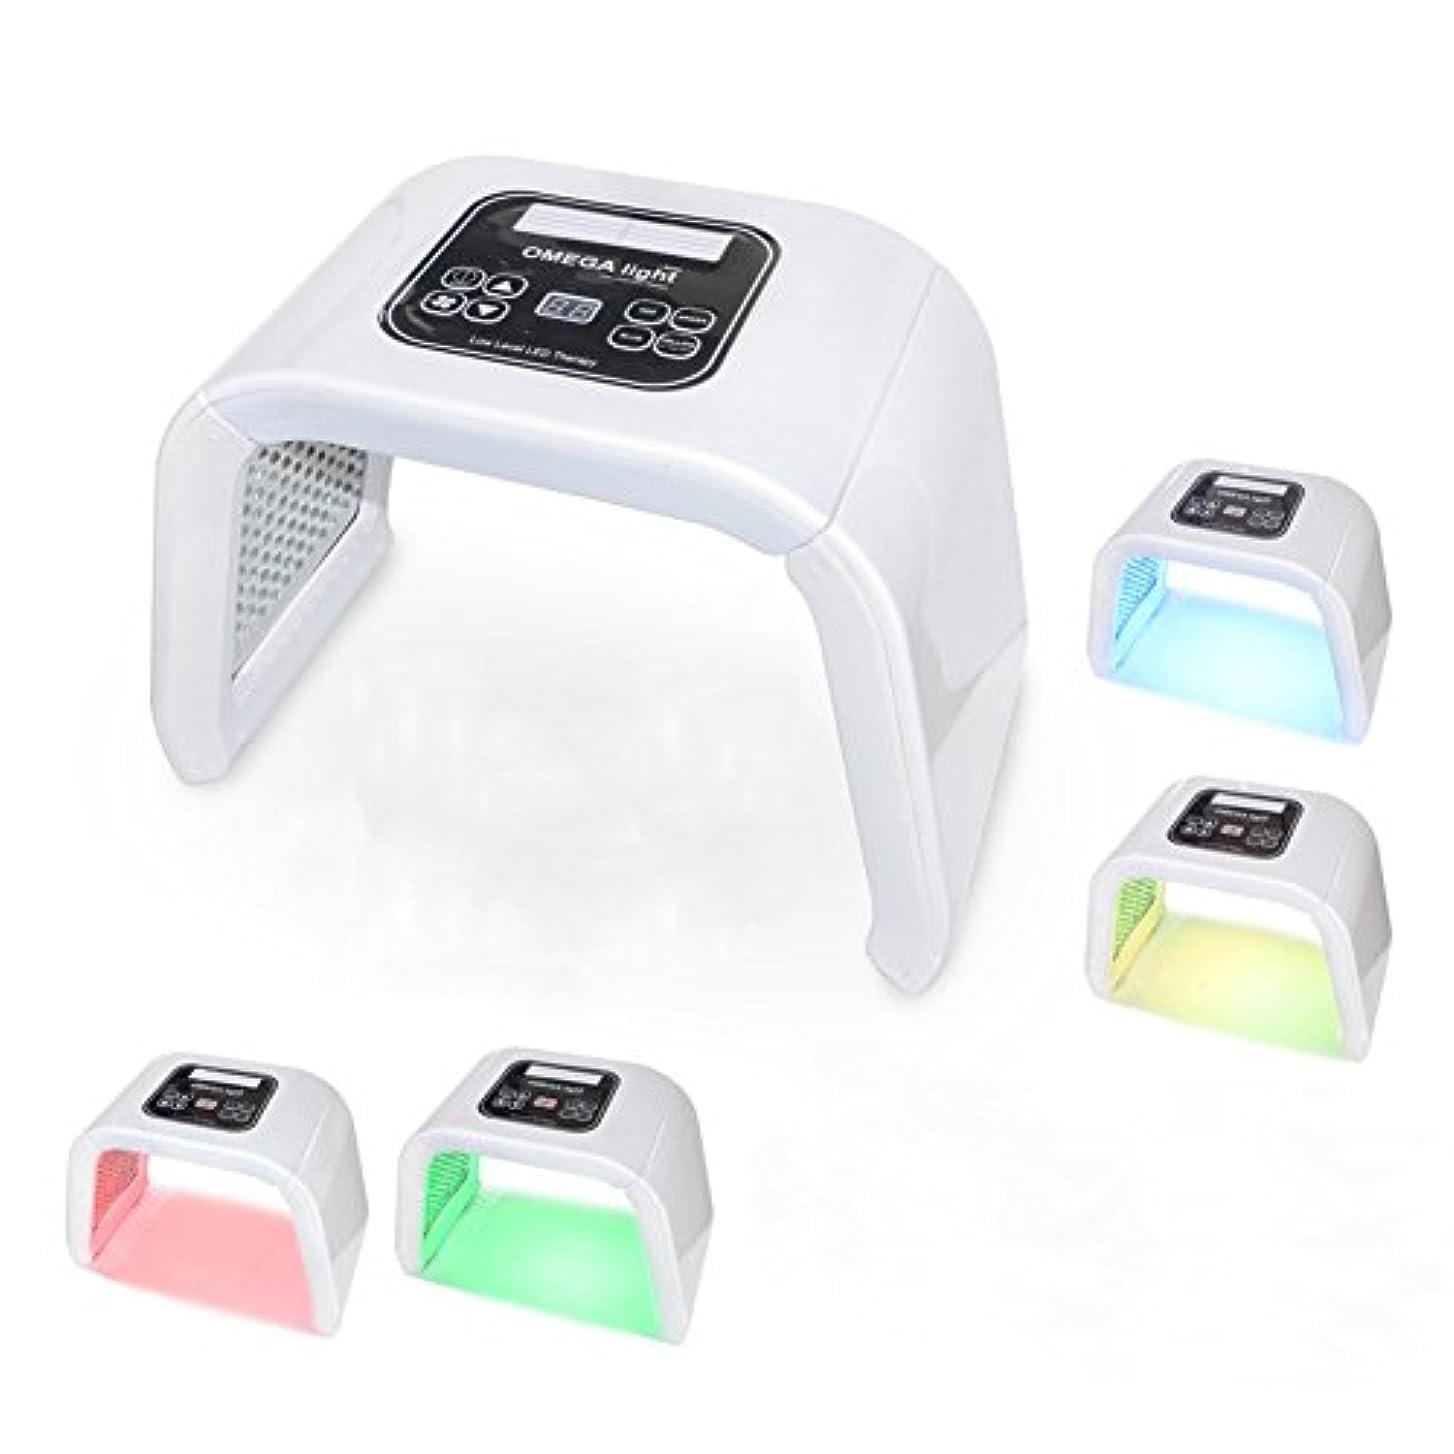 切り離す骨の折れる挨拶光子の若返り機械携帯用4色LEDの反老化の美の器械,White